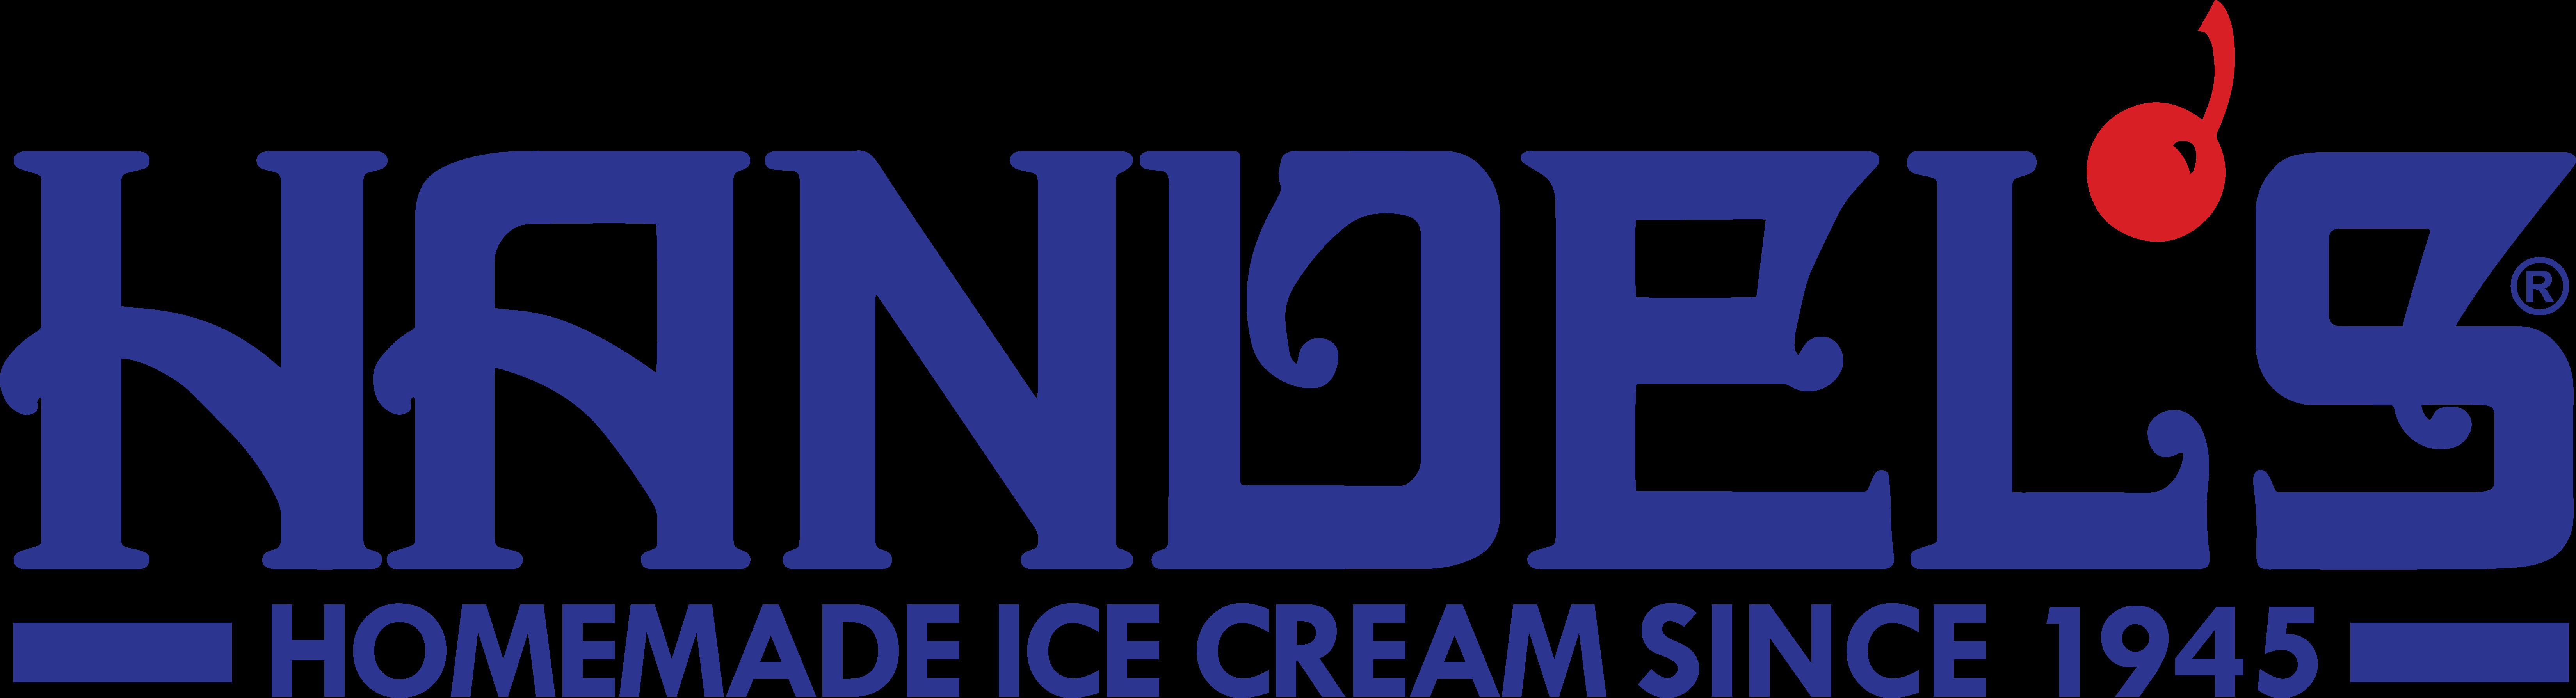 Handels.Logo.2018.2e3192